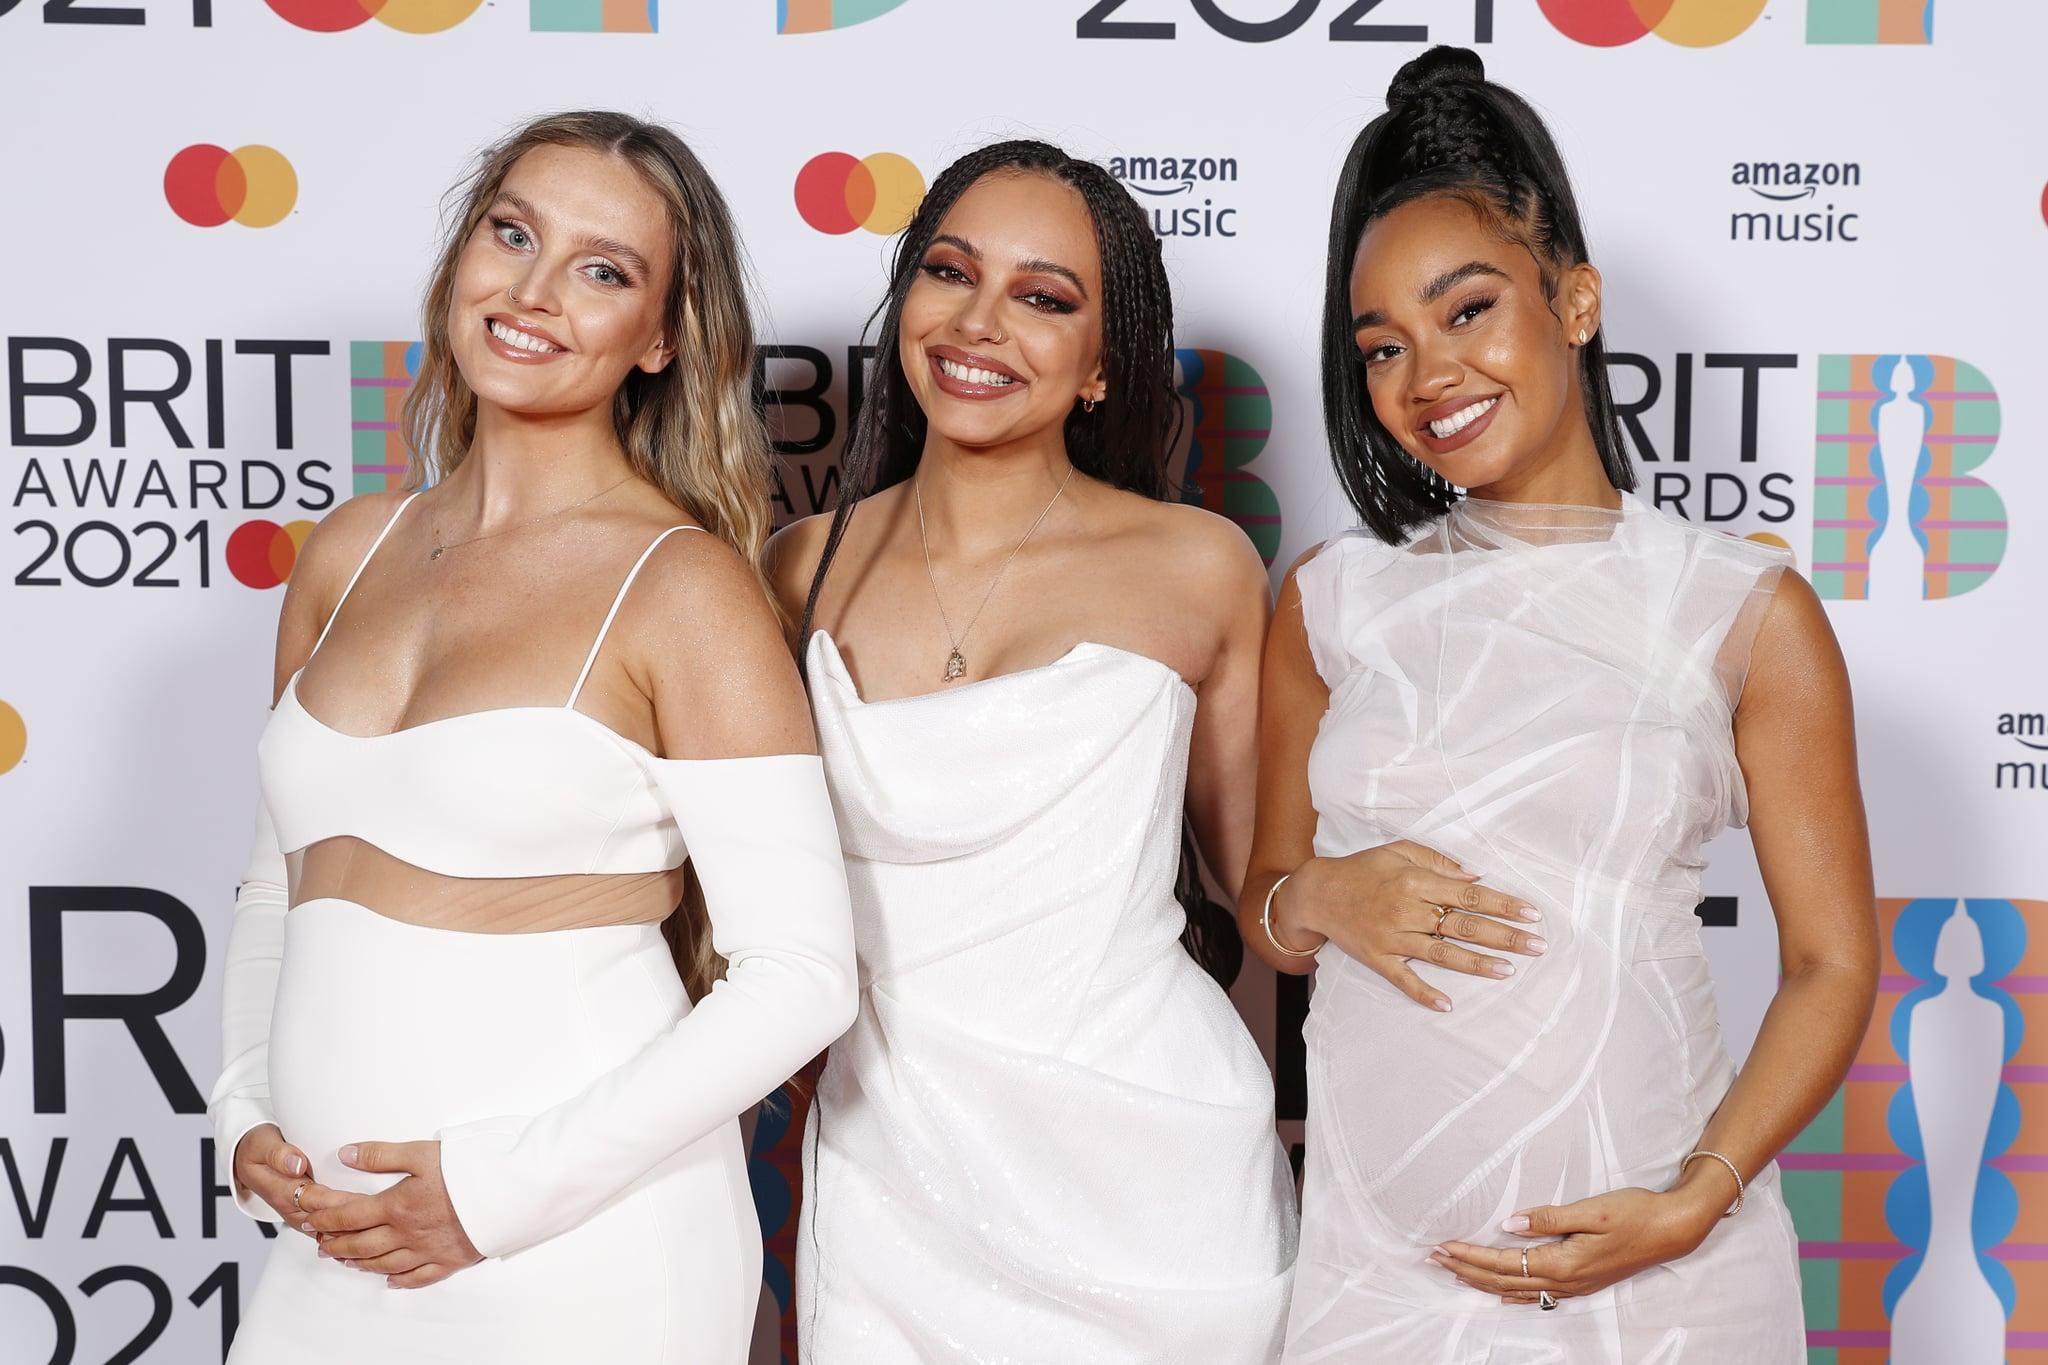 لندن ، انگلستان - 11 مه: پری ادواردز ، جید تیرلوال و لی آن آن پینوک از Little Mix در مراسم جوایز BRIT 2021 در O2 Arena در 11 مه 2021 در لندن ، انگلیس در اتاق رسانه ژست گرفتند.  (عکس توسط JMEnternational / JMEnternational برای جوایز BRIT / گتی ایماژ)